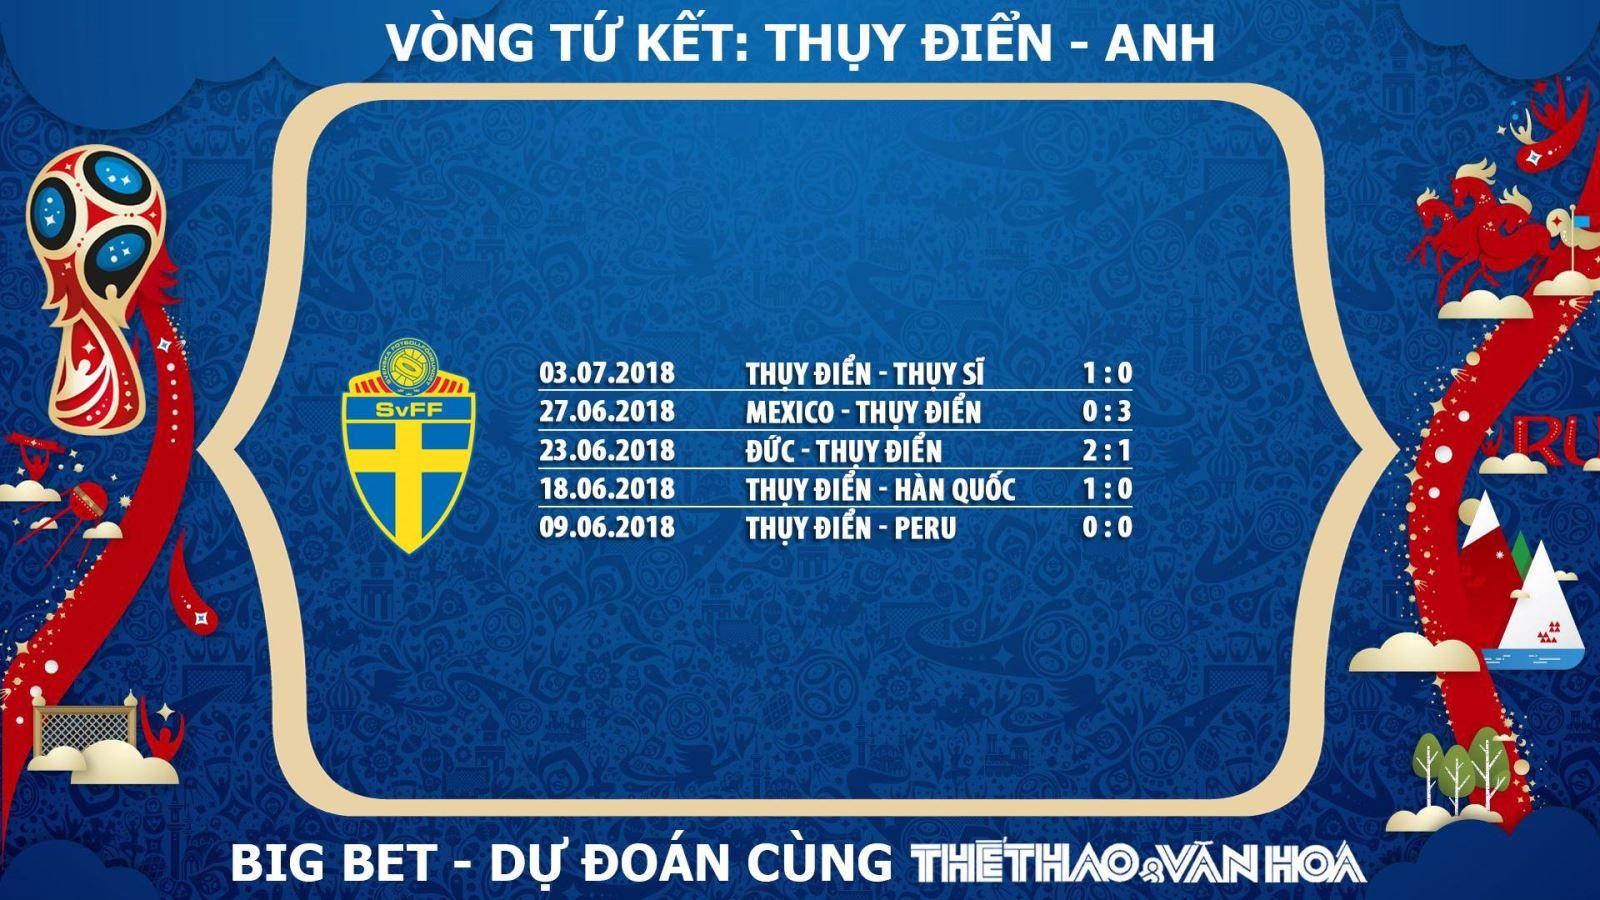 Dự đoán Thuỵ Điển, nhận định Thuỵ Điển, soi kèo Thuỵ Điển, chọn kèo Thuỵ Điển, tỉ lệ cá cược Thuỵ Điển, chọn cửa Thuỵ Điển, trực tiếp Thuỵ Điển, xem trực tiếp Thuỵ Điển, phong độ của Thuỵ Điển, Thuỵ Điển lọt vào Tứ kết, Thuỵ Điển lọt vào Bán kết World Cup 2018